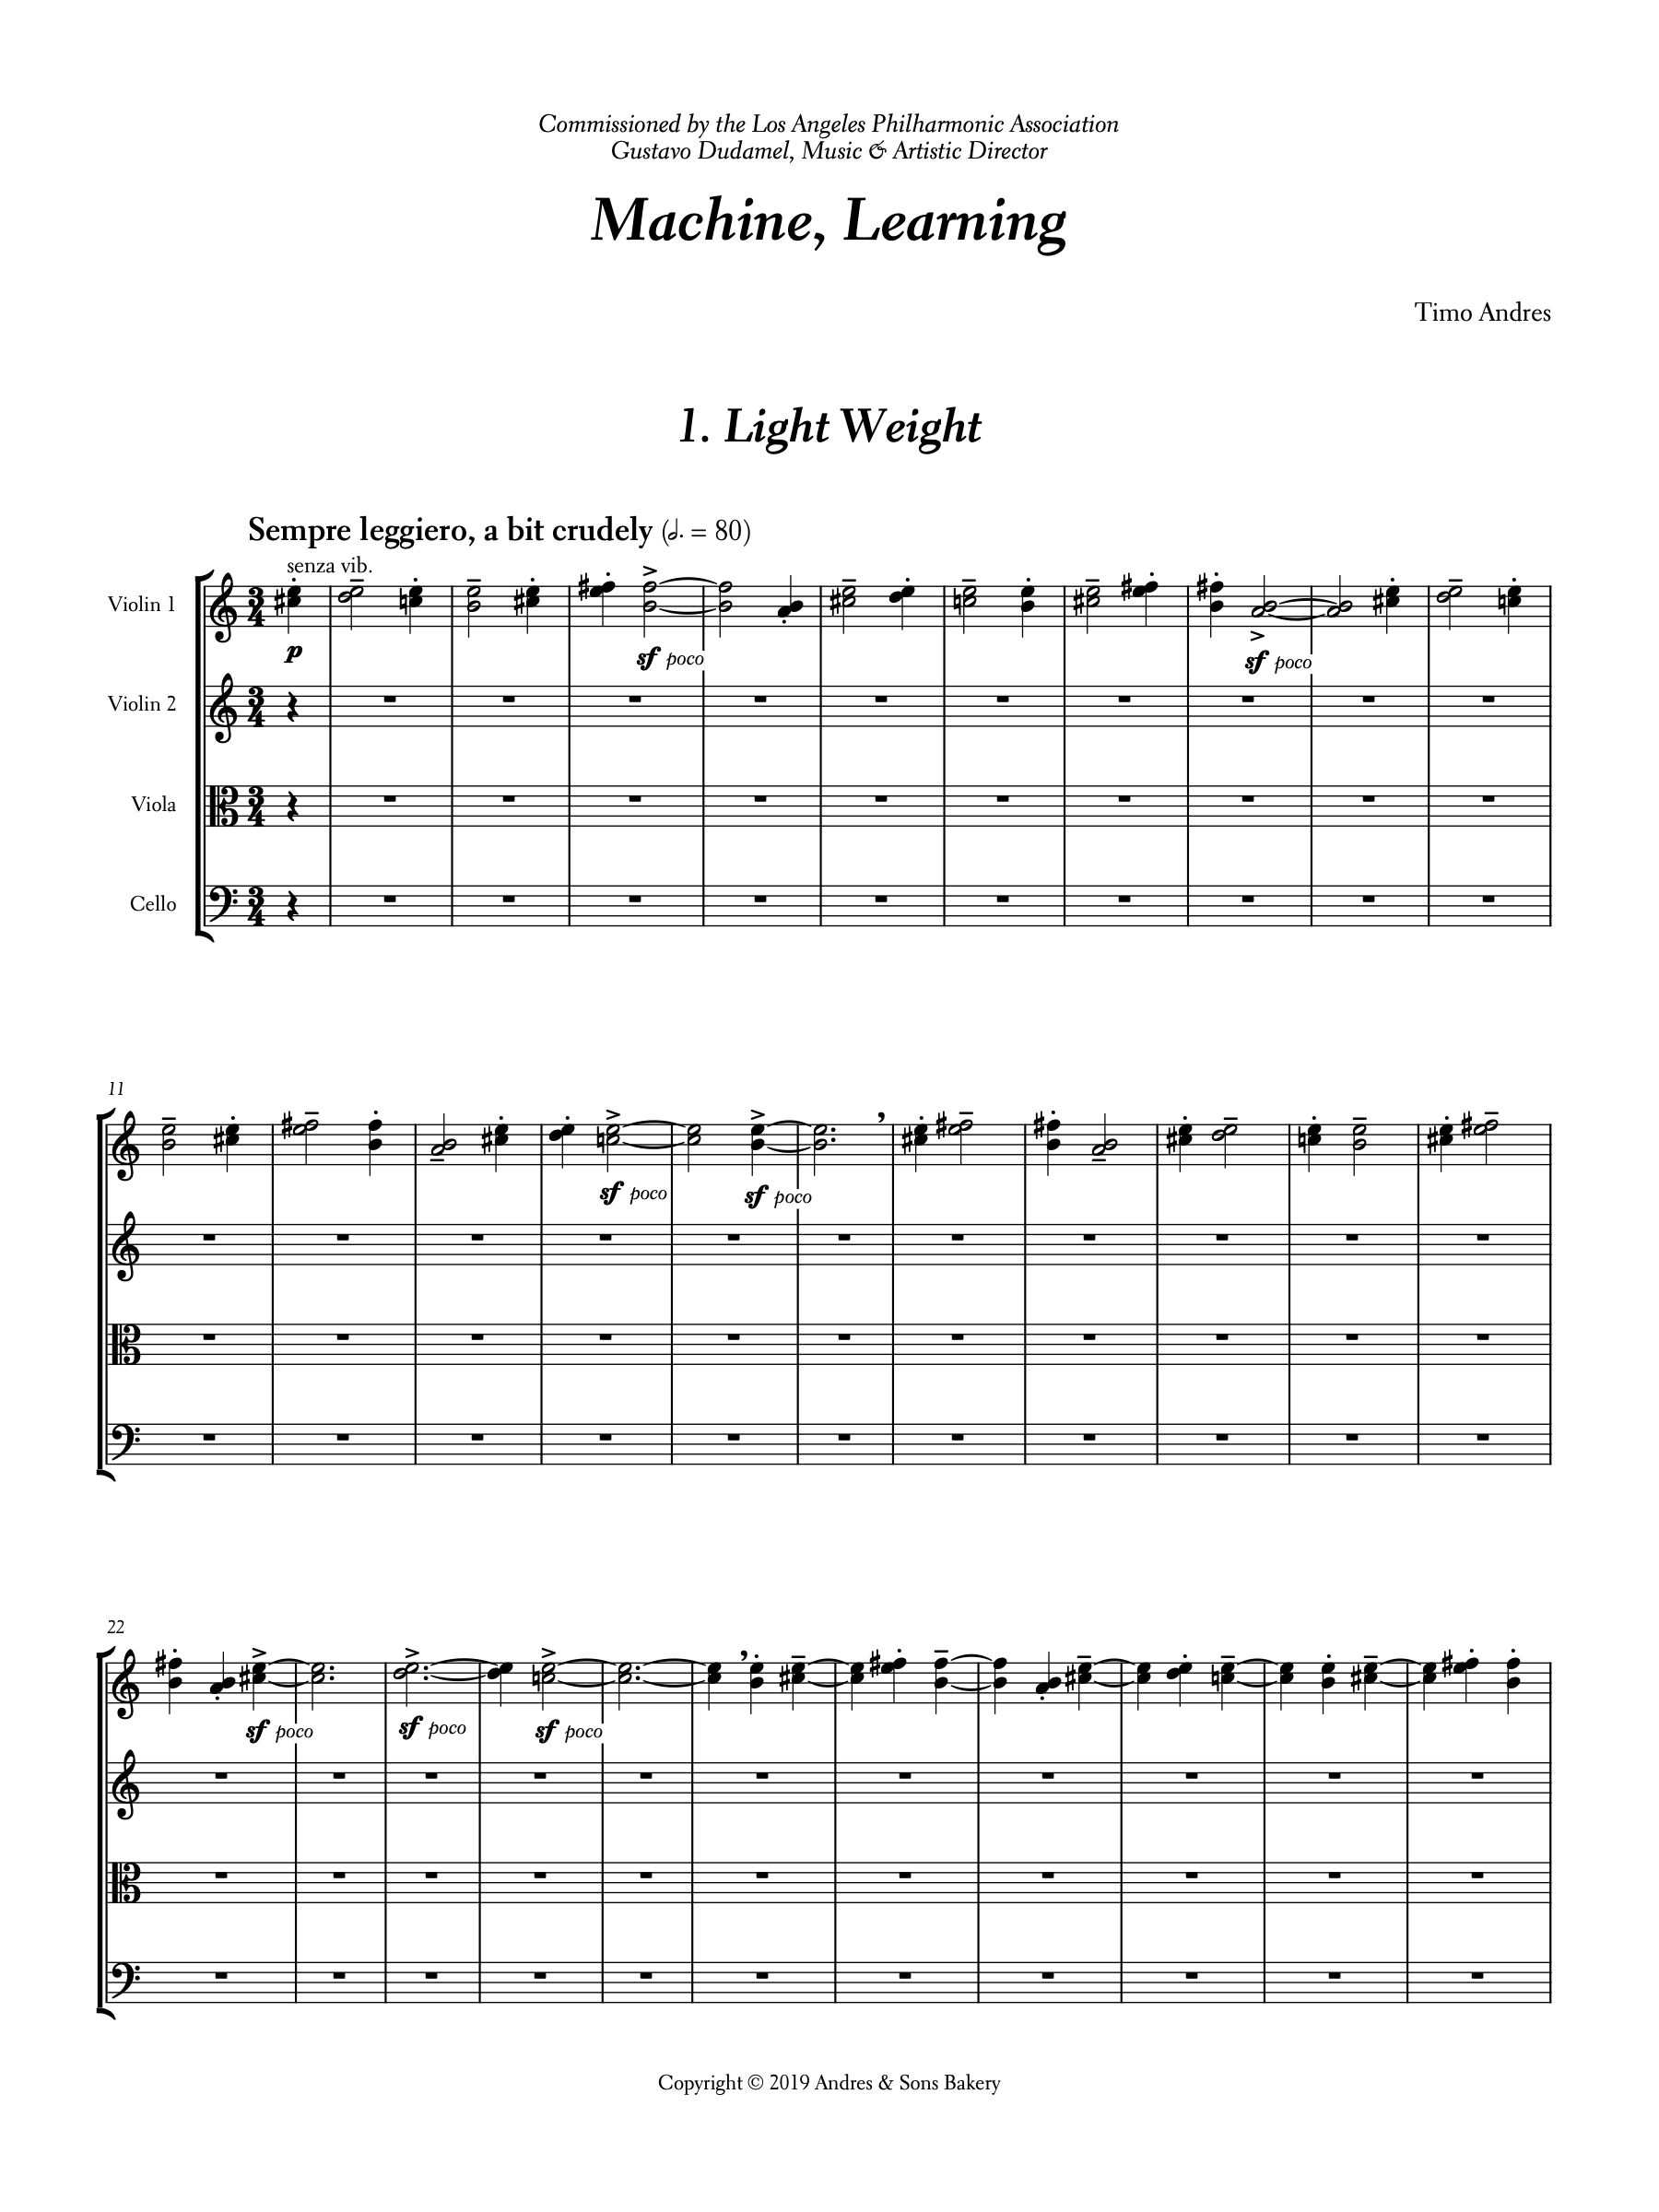 Piano Trio, p. 1